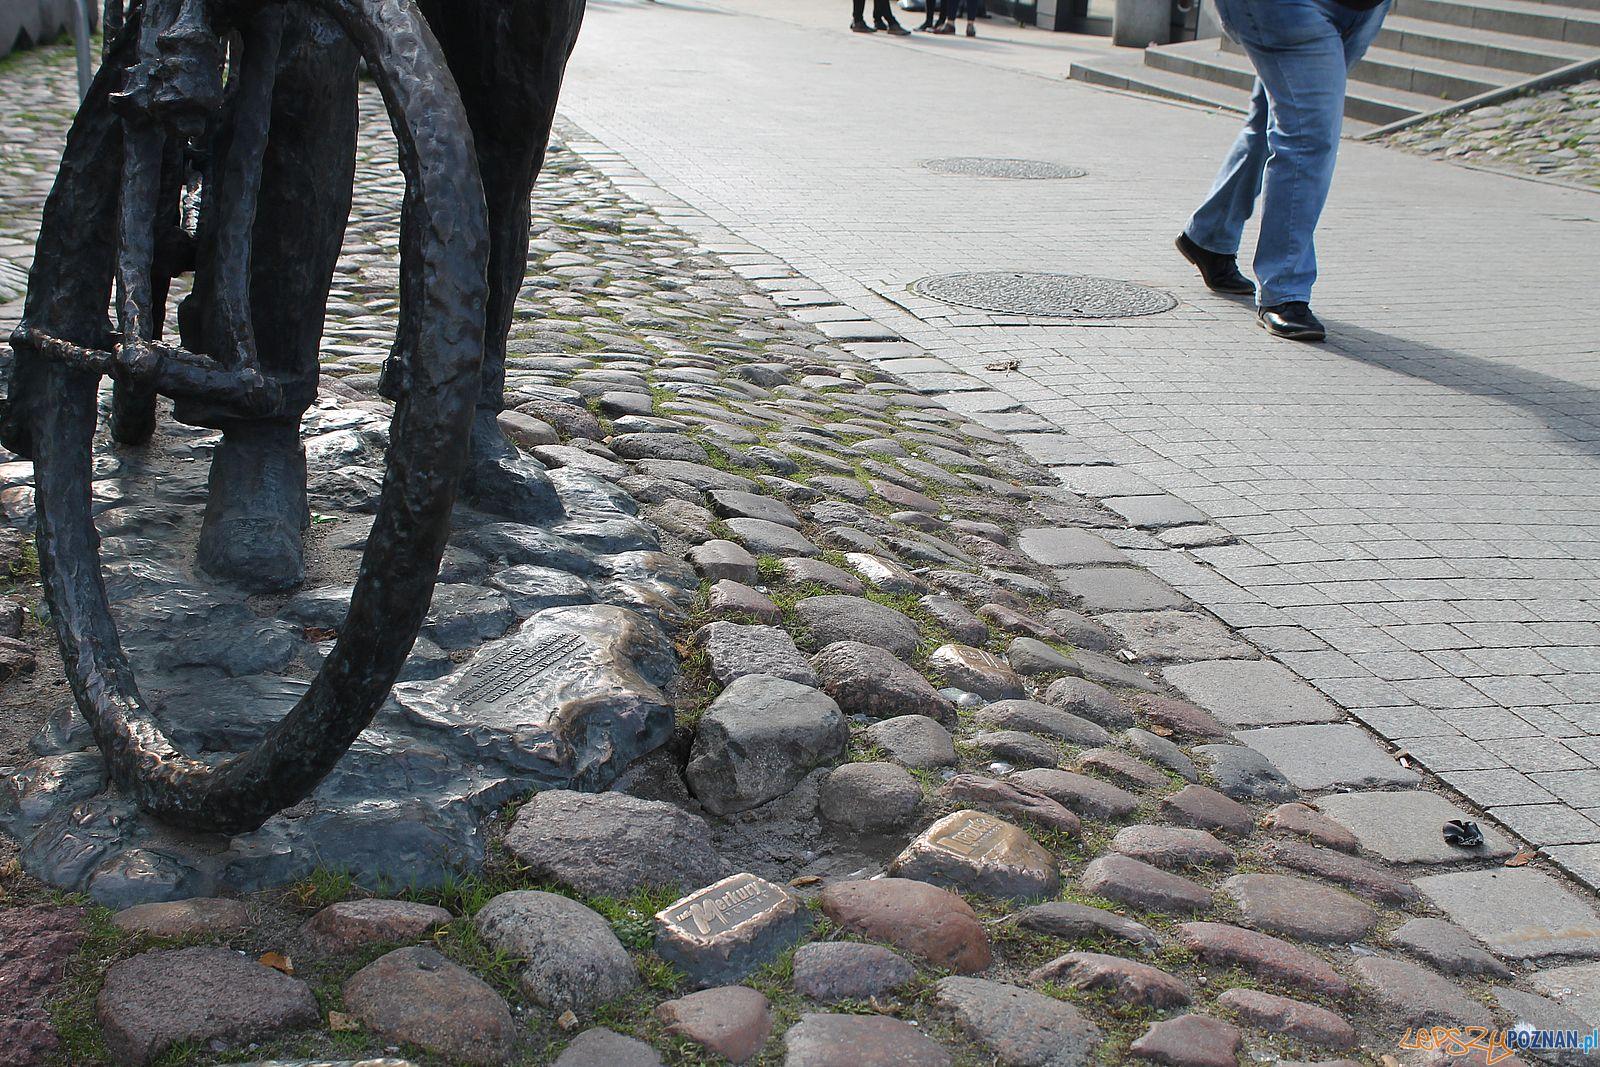 Stary Marych nieporządek wokól pomnika (5)  Foto: T. Dworek / ROSM